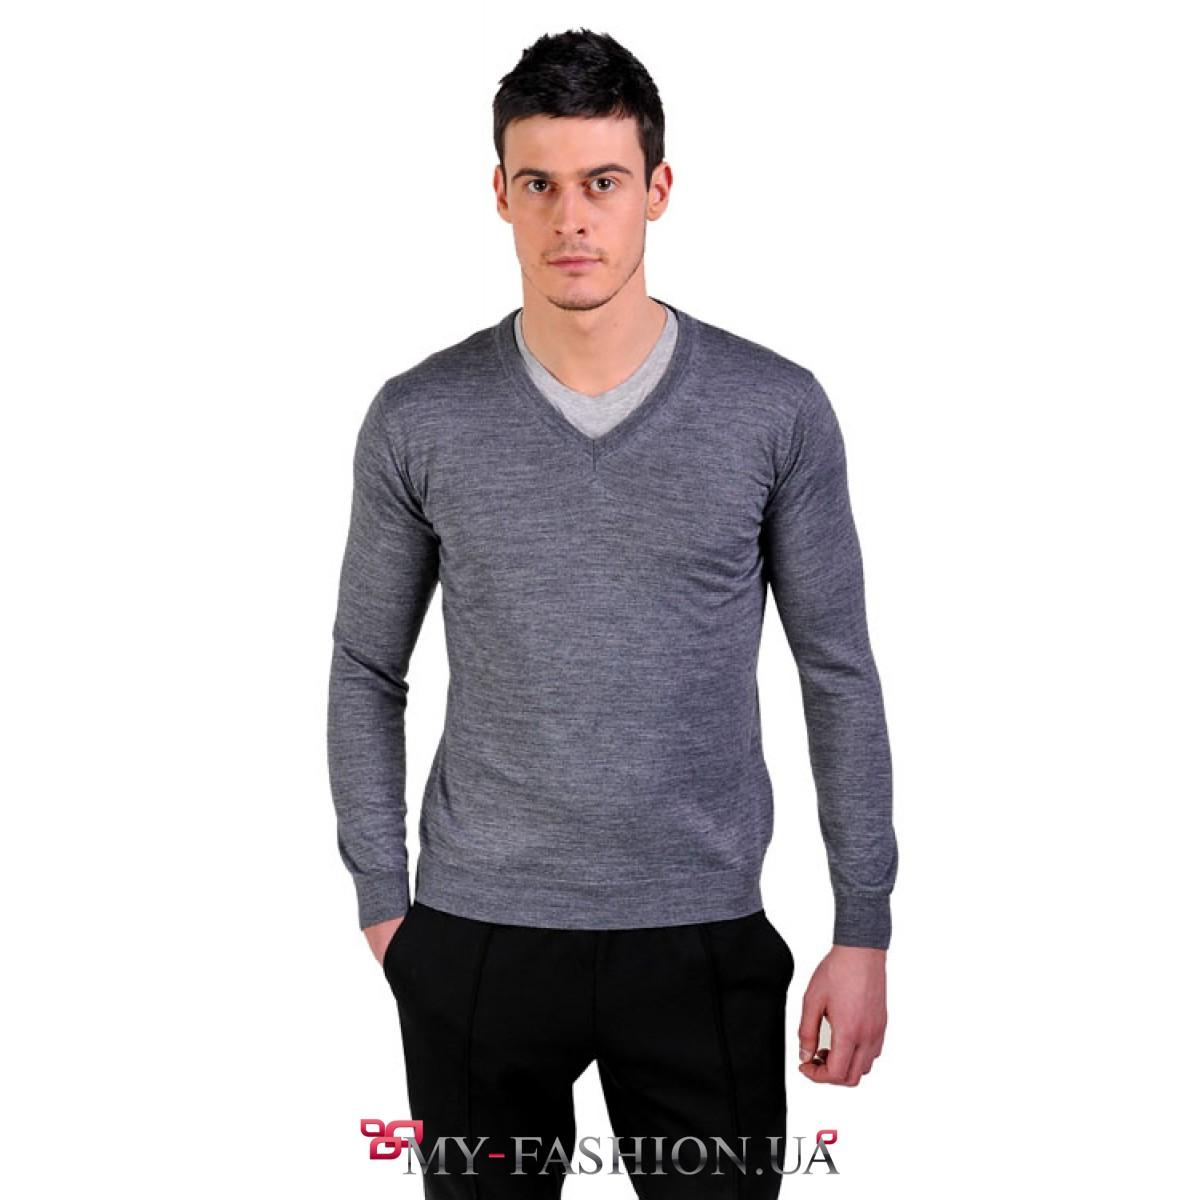 Совместные покупки одежды больших размеров с доставкой